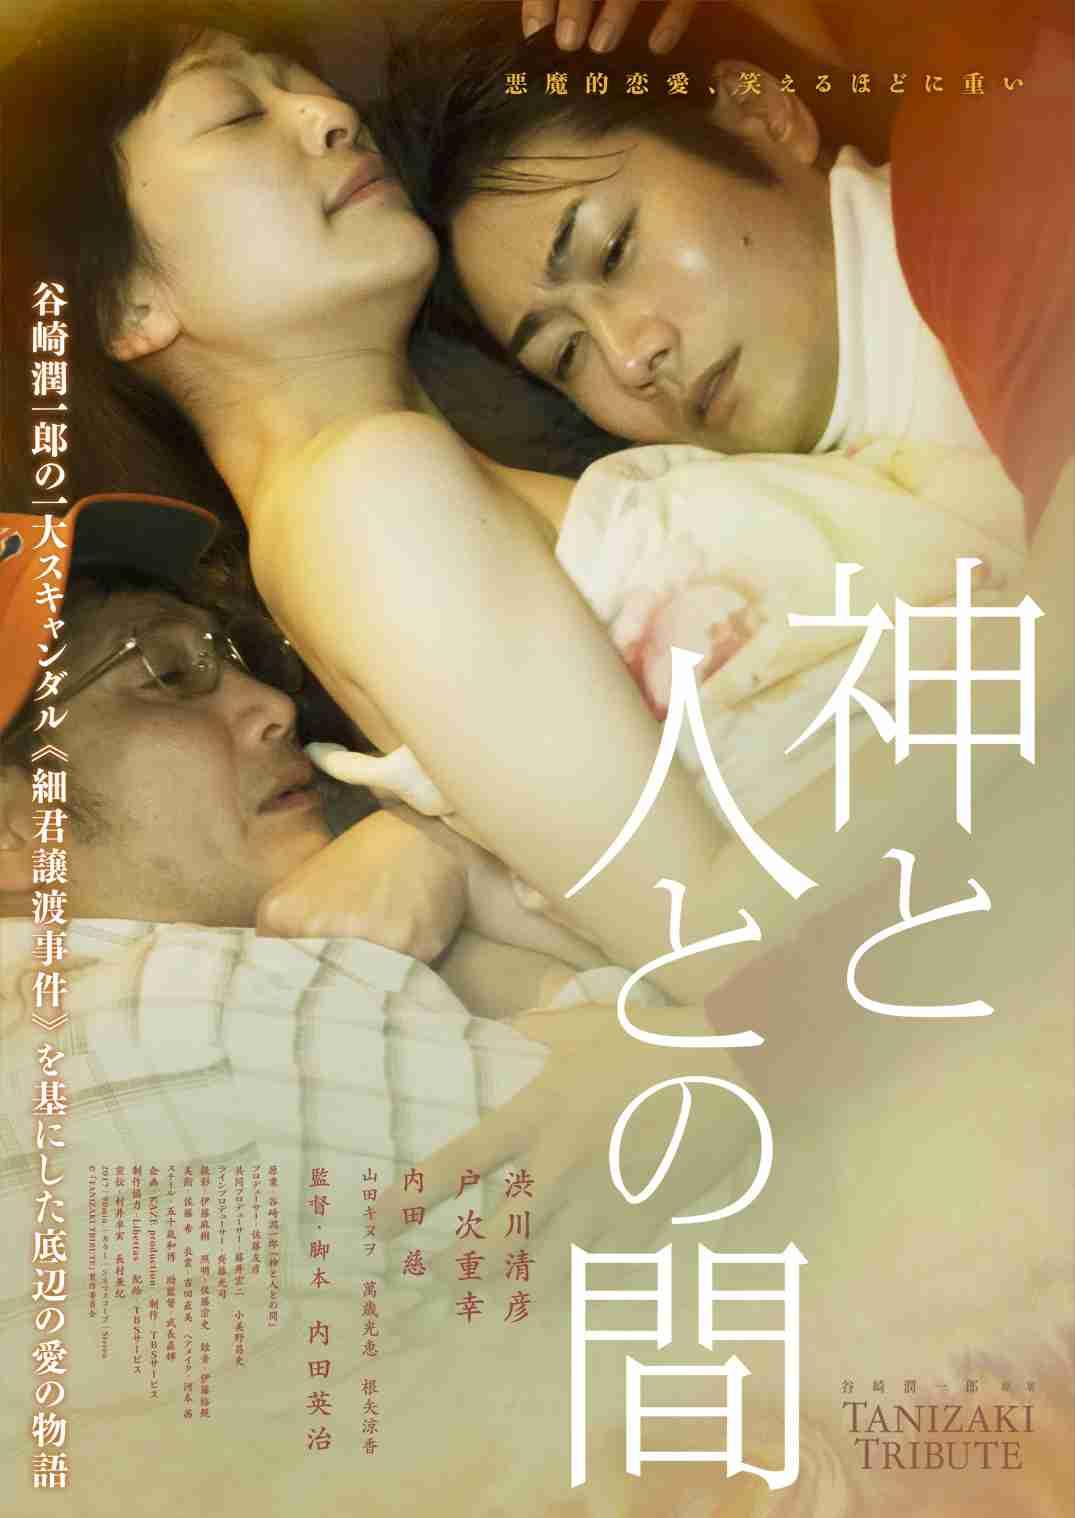 谷崎潤一郎の一大スキャンダル「細君譲渡事件」モデルの映画の予告編&ポスターが公開 - シネマトゥデイ